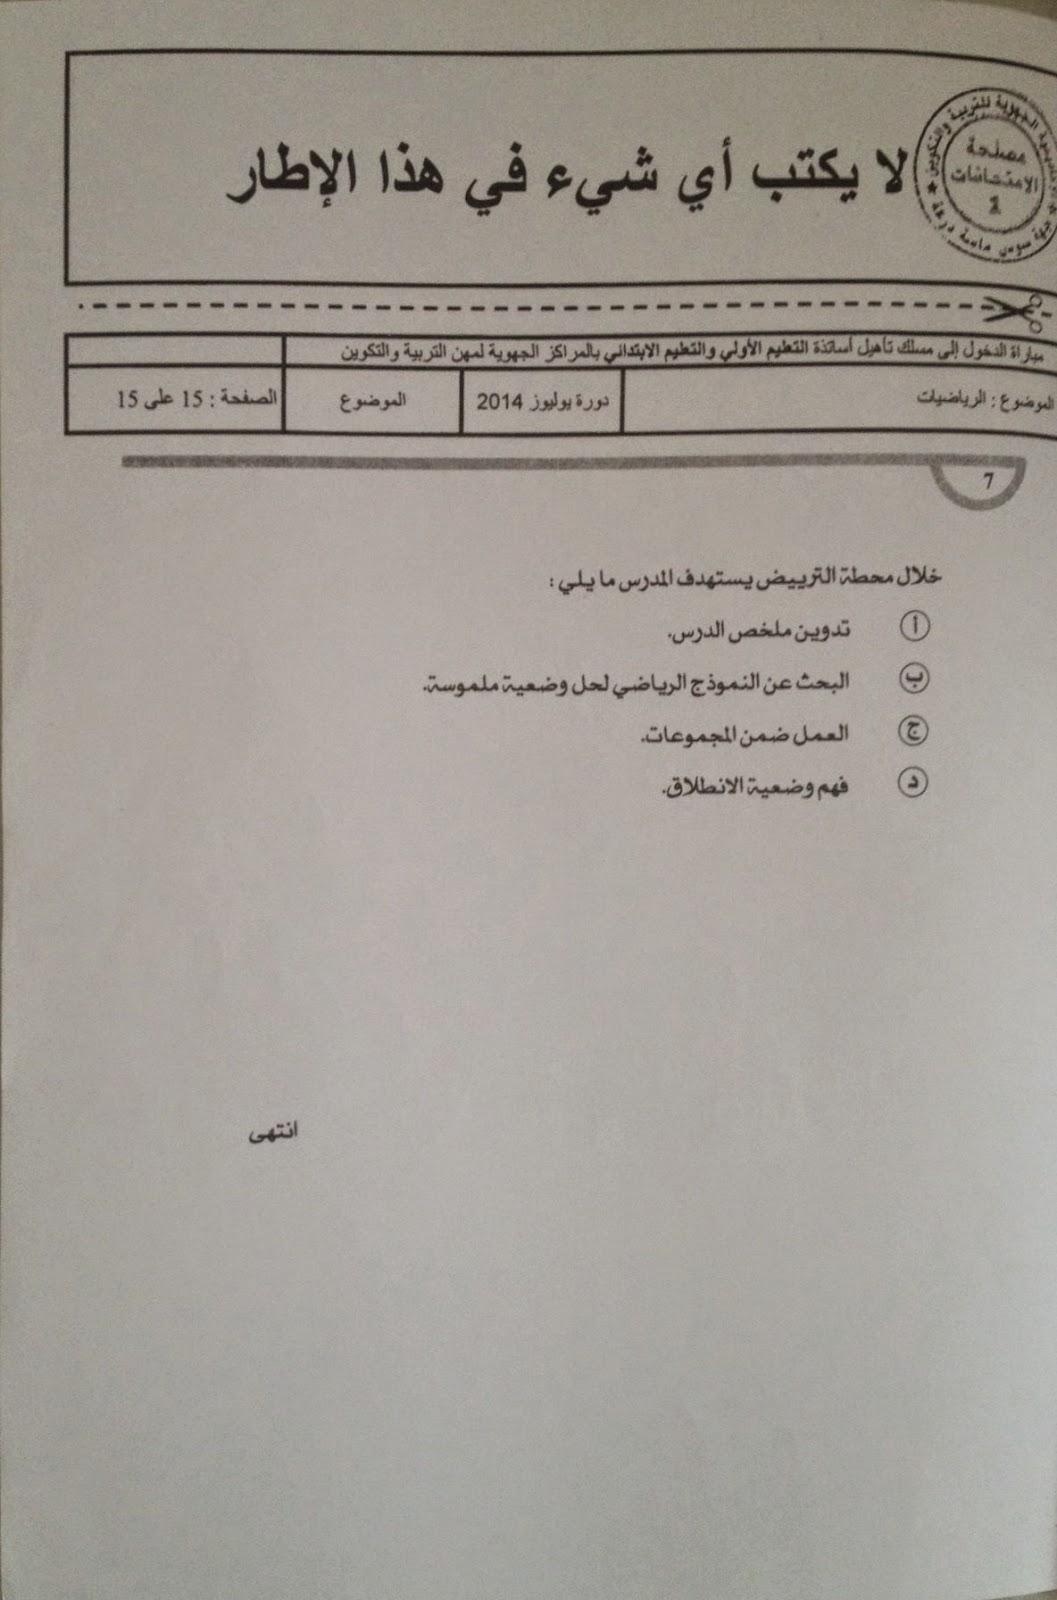 الاختبار الكتابي لولوج المراكز الجهوية للسلك الابتدائي دورة يوليوز 2014- مادة الرياضيات  Nouveau%2Bdocument%2B2_25